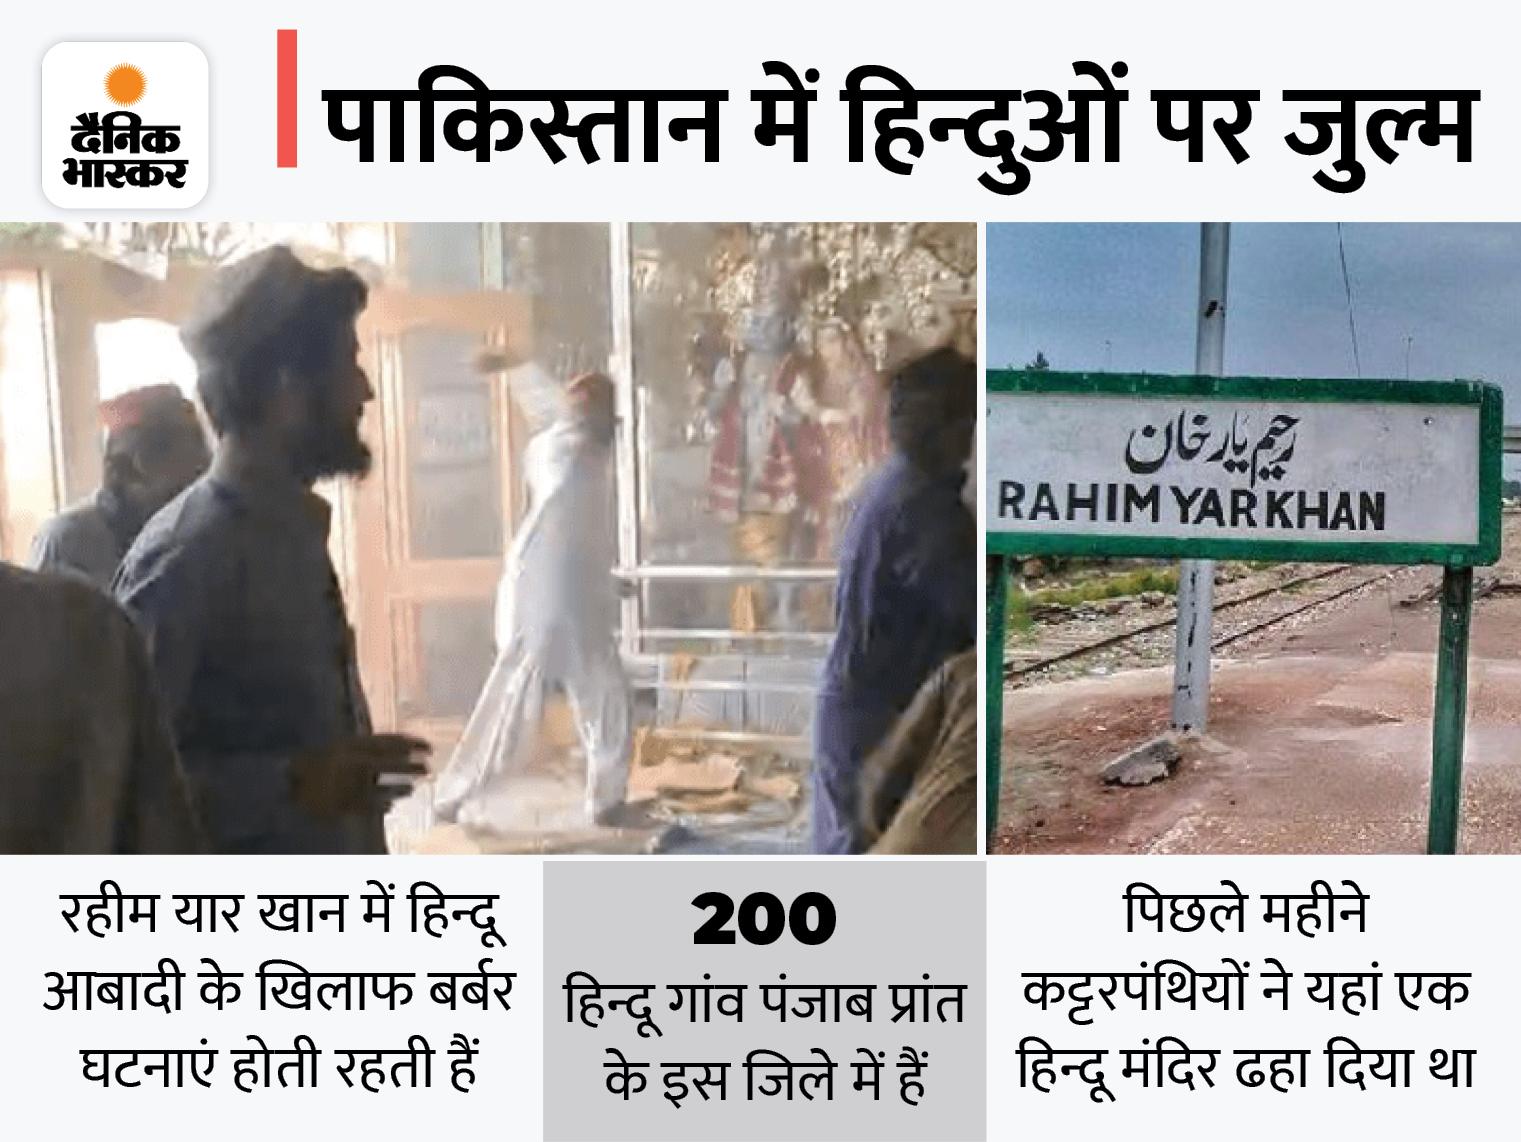 रहीम यार खान जिले में मस्जिद से पानी लेने पर जमींदारों ने हिंदू परिवार को बंदी बनाया, कहा- मस्जिद को नापाक किया विदेश,International - Dainik Bhaskar